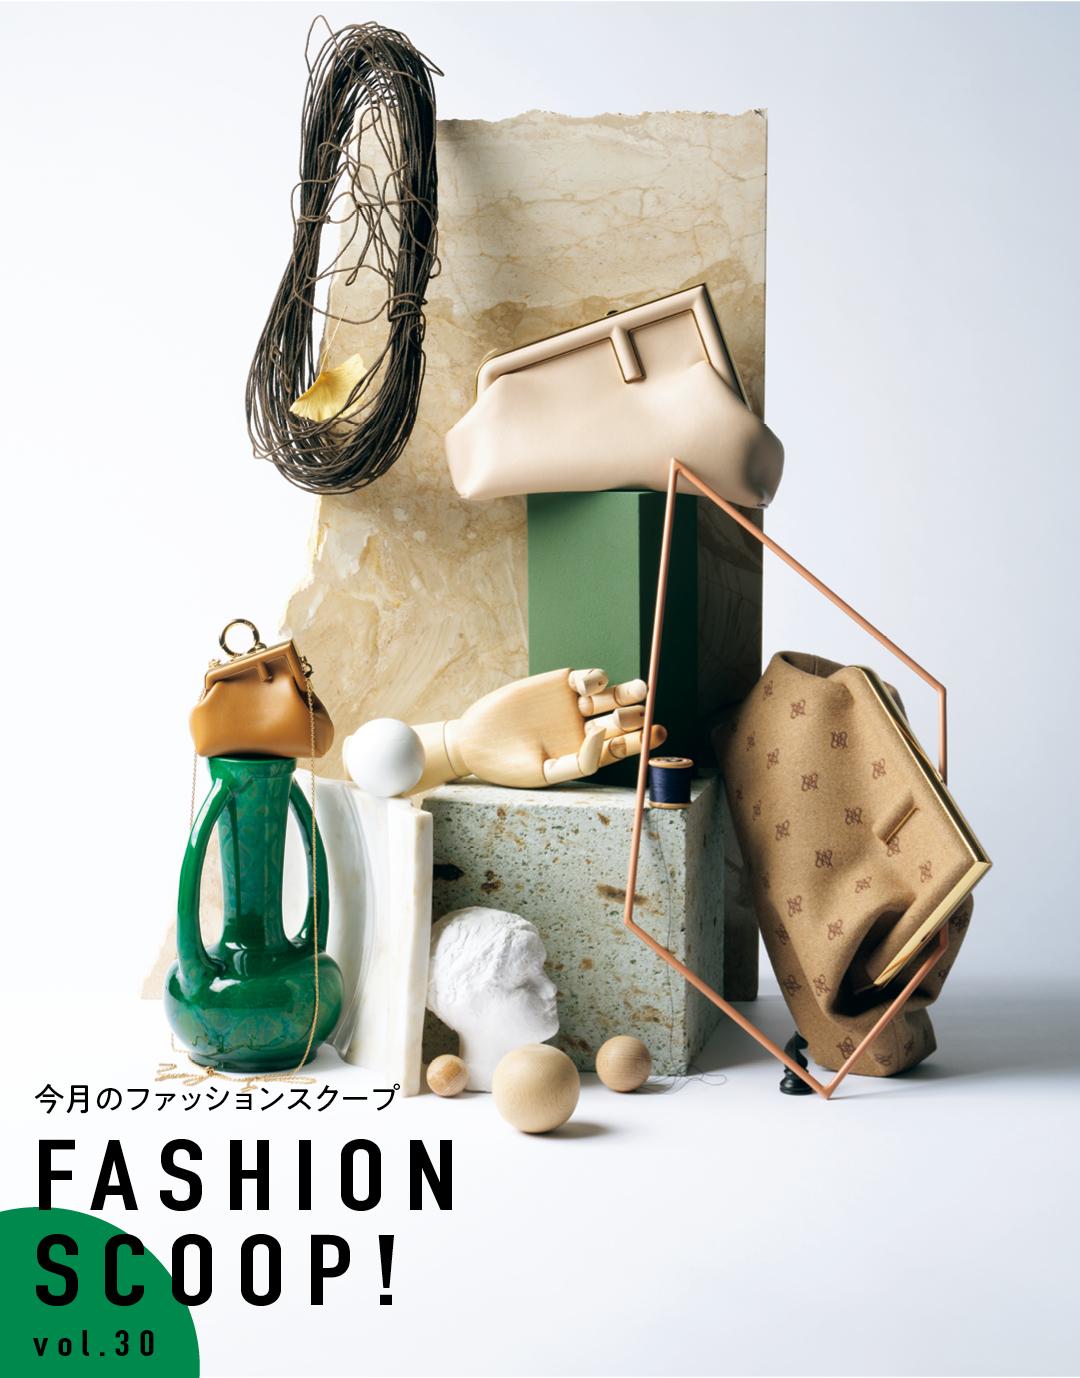 今月のファッションスクープ FASHION SCOOP! vol.30